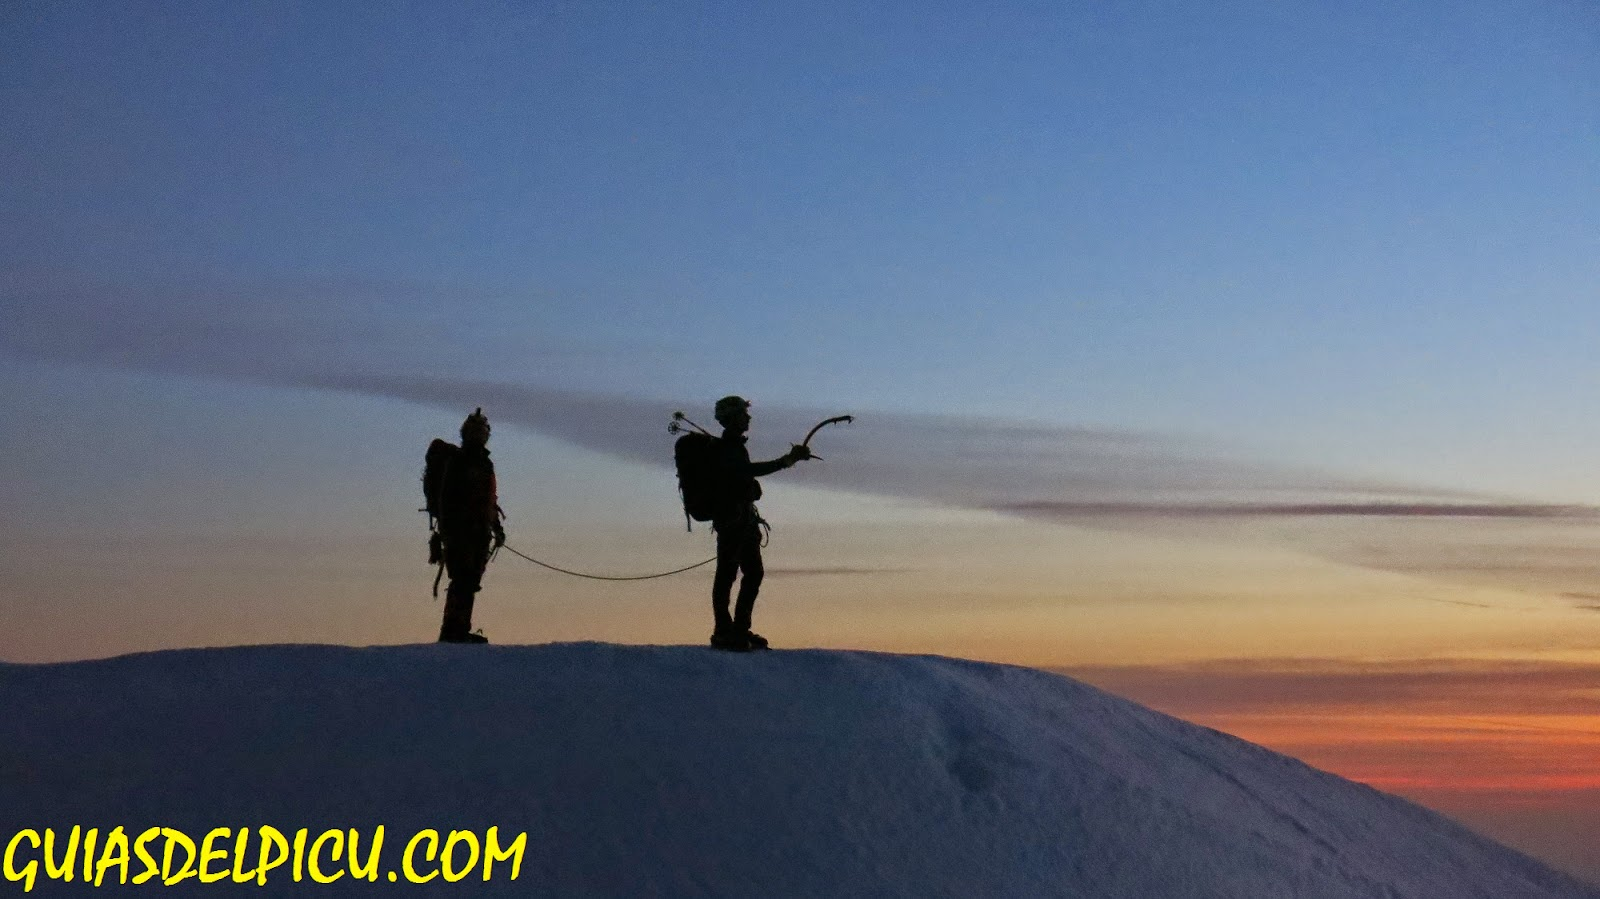 Fernando Calvo guia de alta montaña uiagm